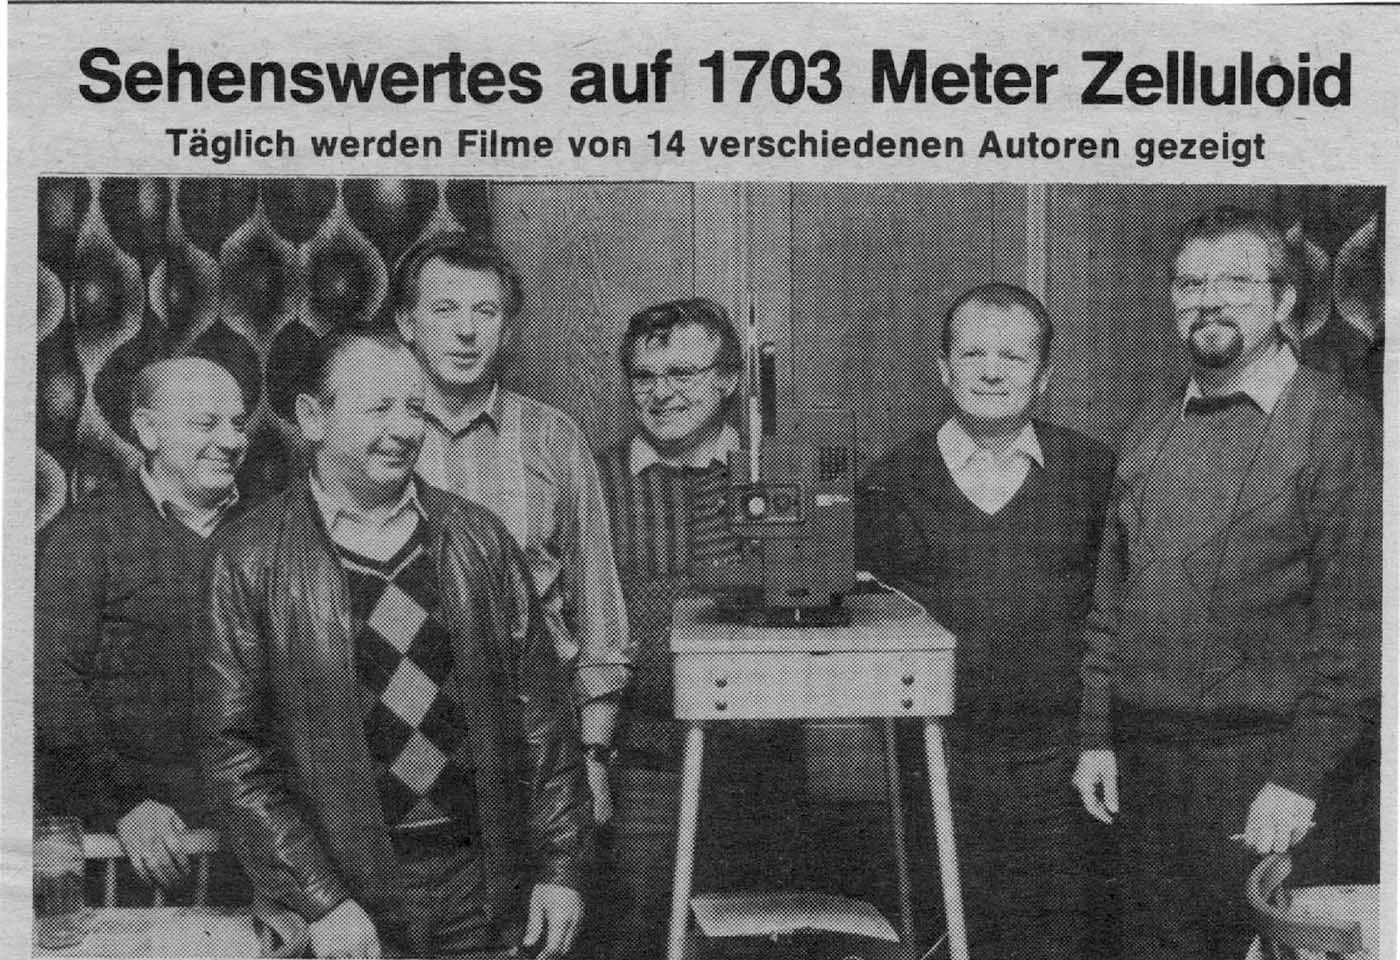 Schmalfilmwettbewerb – sehenswertes auf 1703 Meter Zelluloid